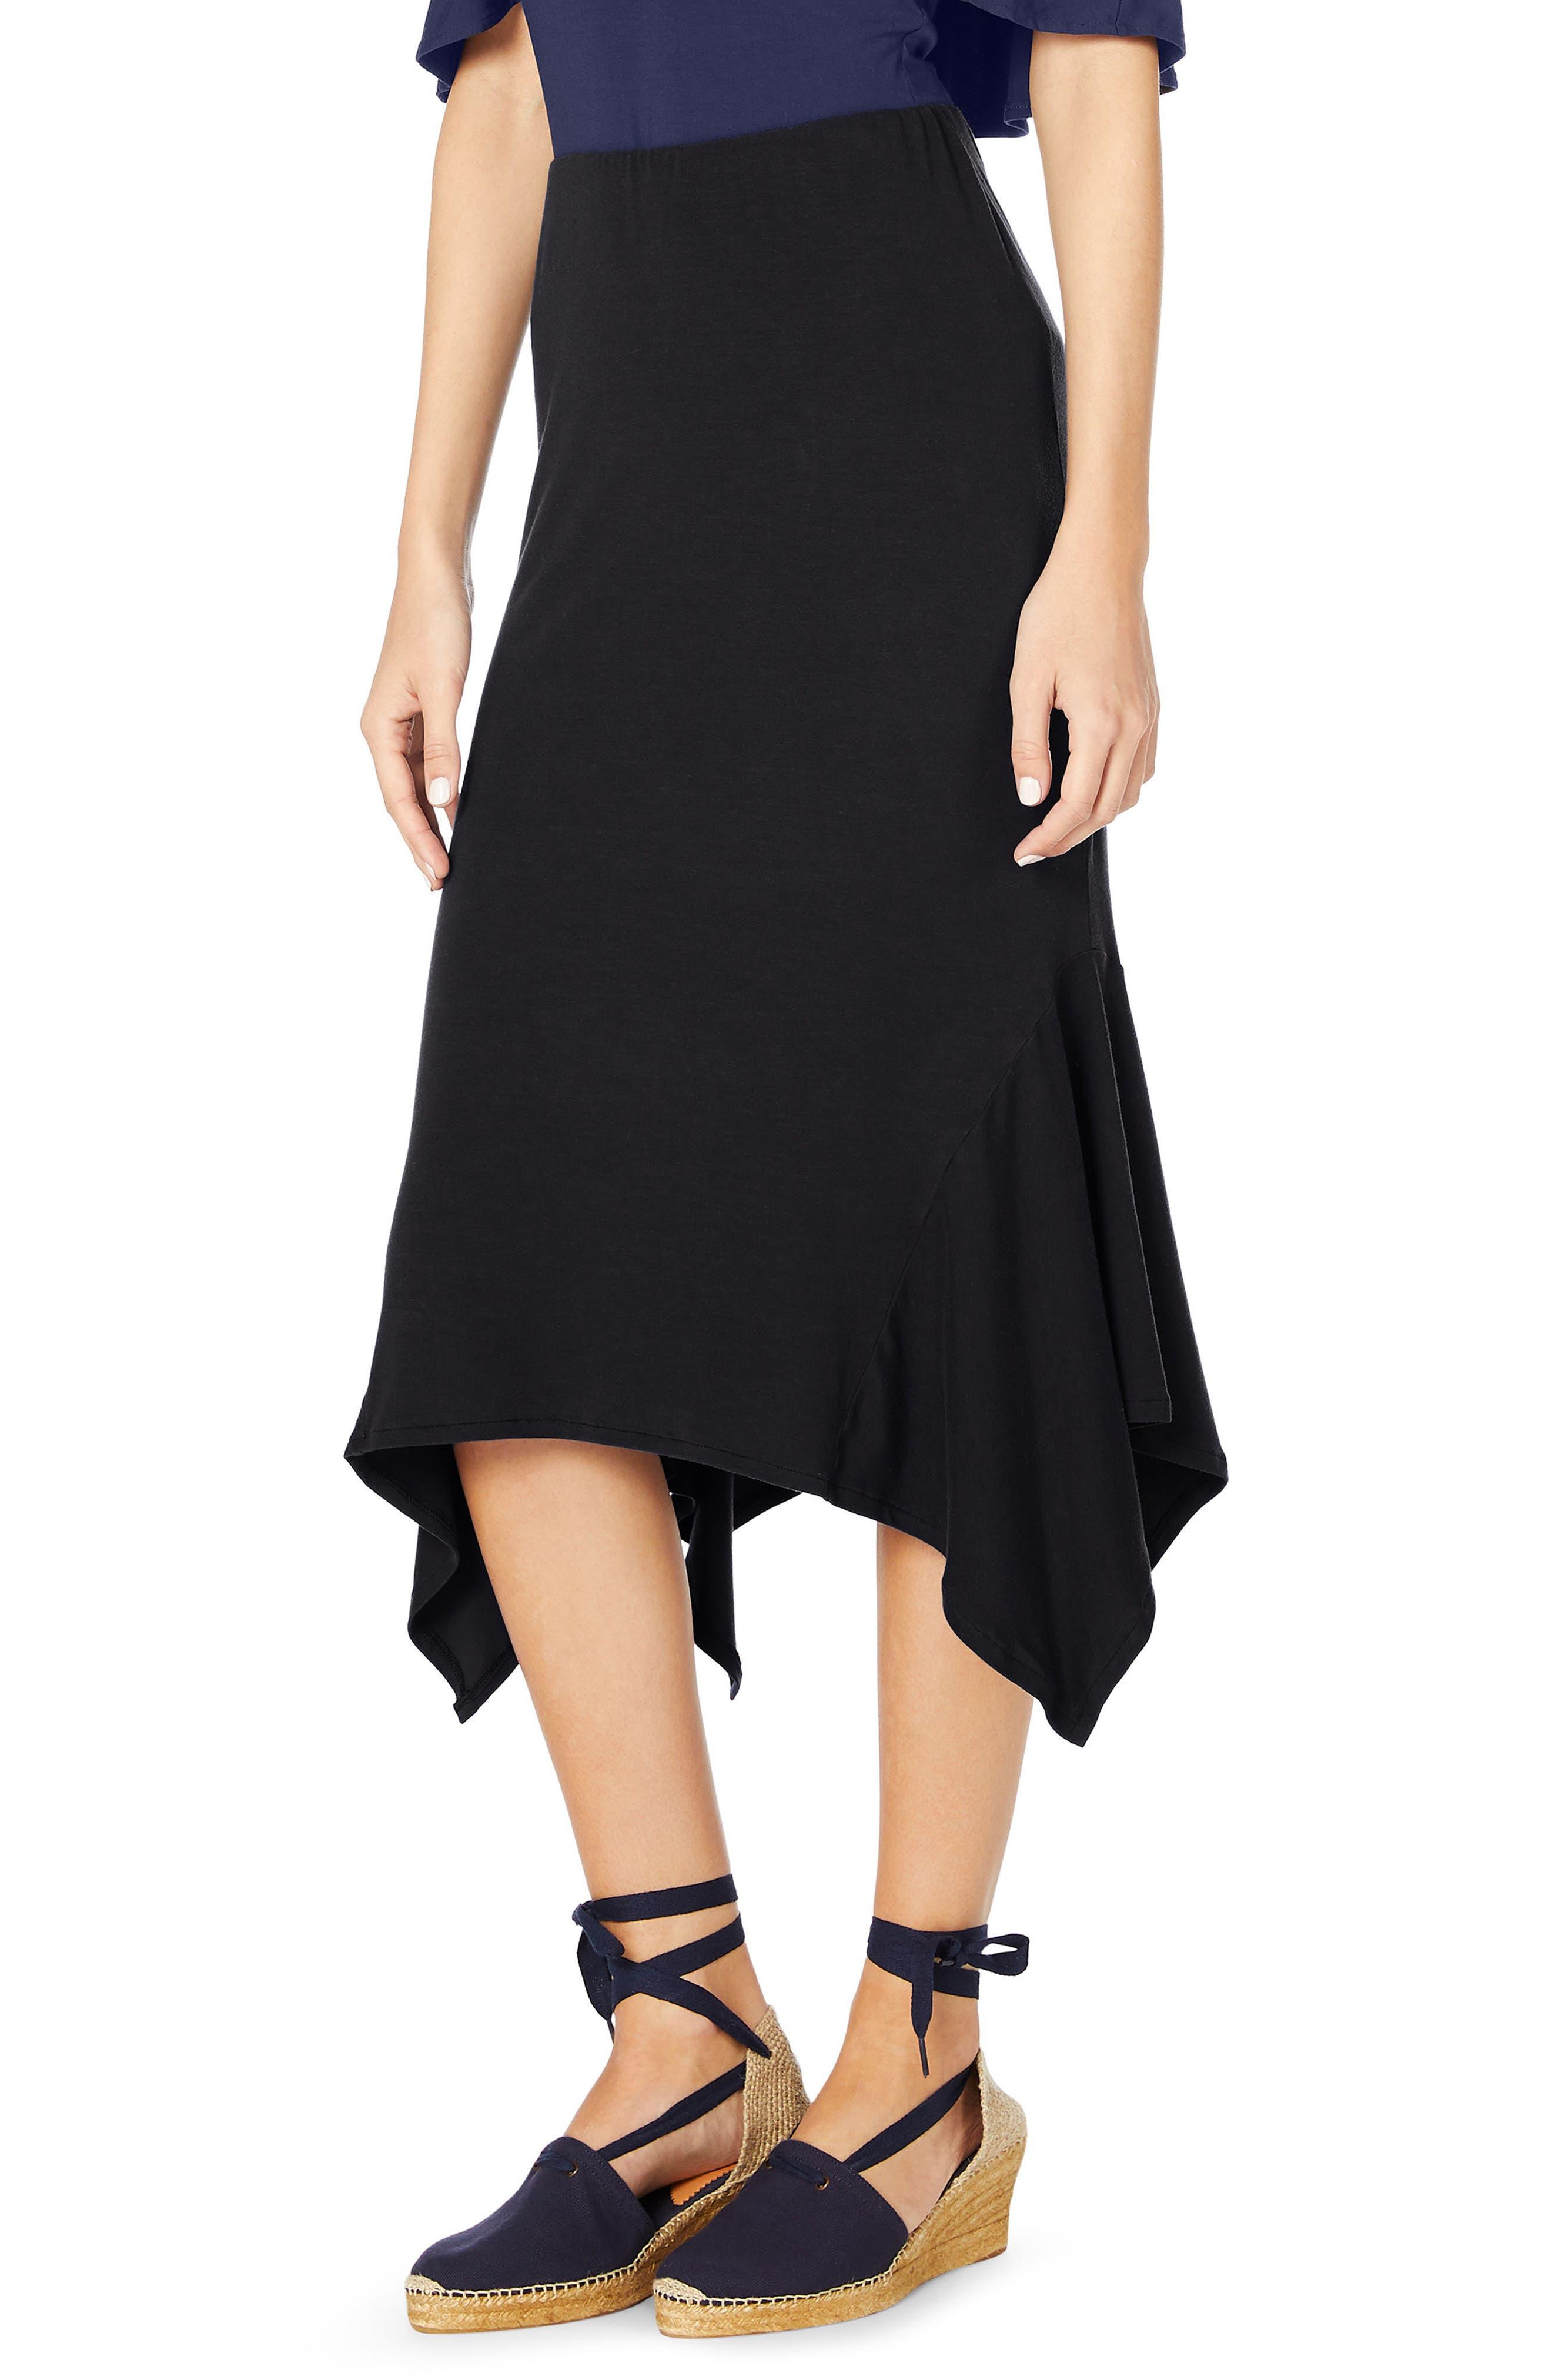 Sharkbite Midi Skirt,                             Alternate thumbnail 3, color,                             Black